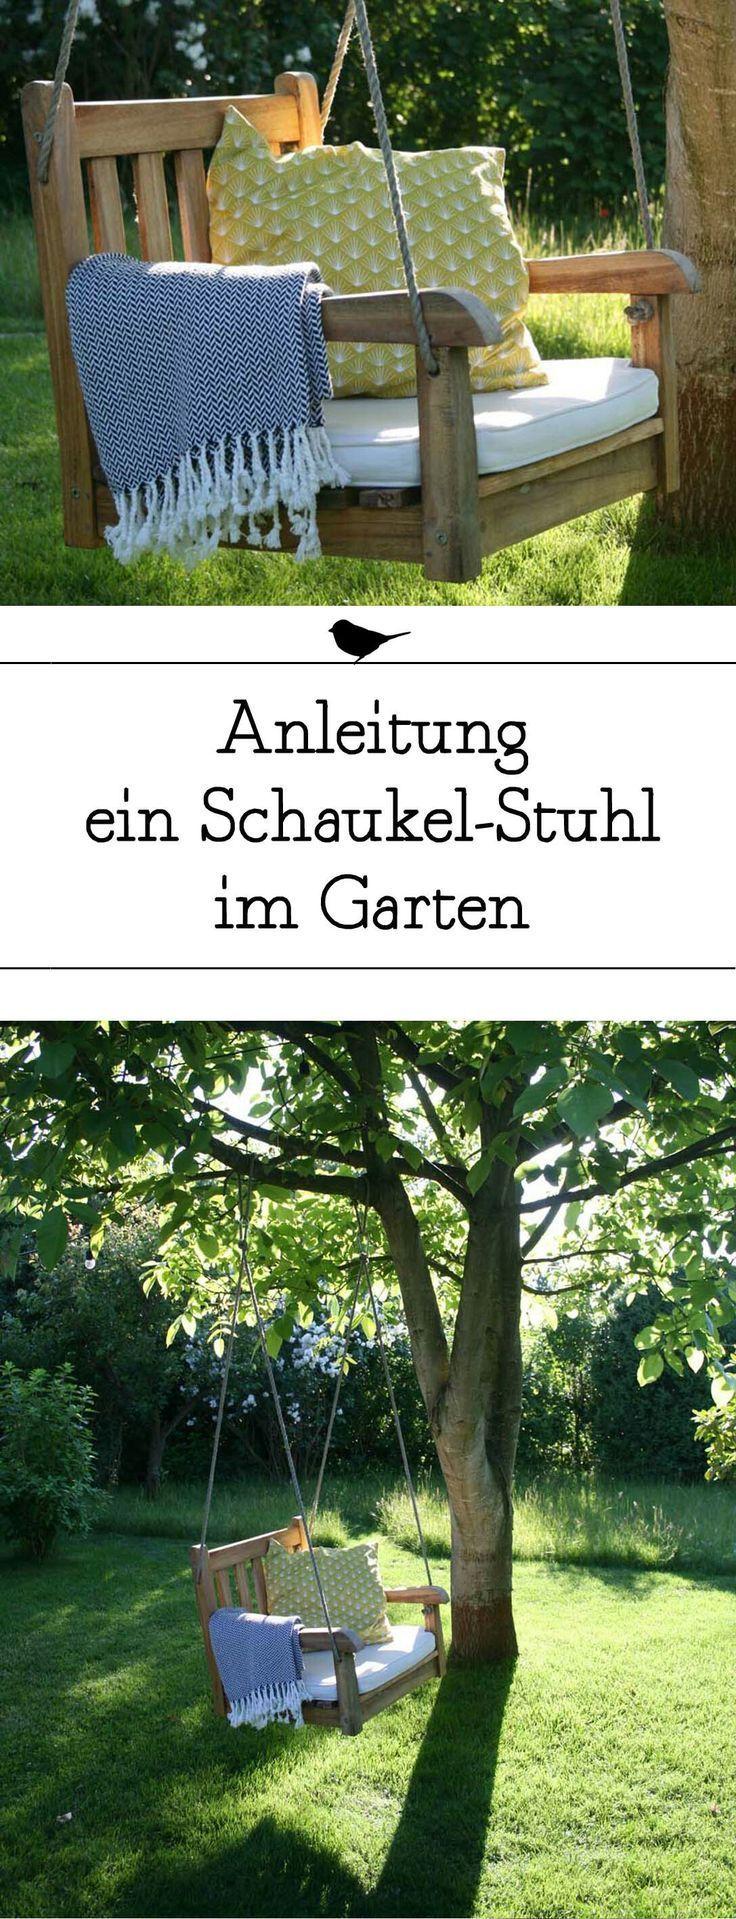 Baue Einen Schaukelstuhl Fur Deinen Garten Diy Schaukel Gartenschaukel Schaukel Garten Gartenschaukel Schaukel